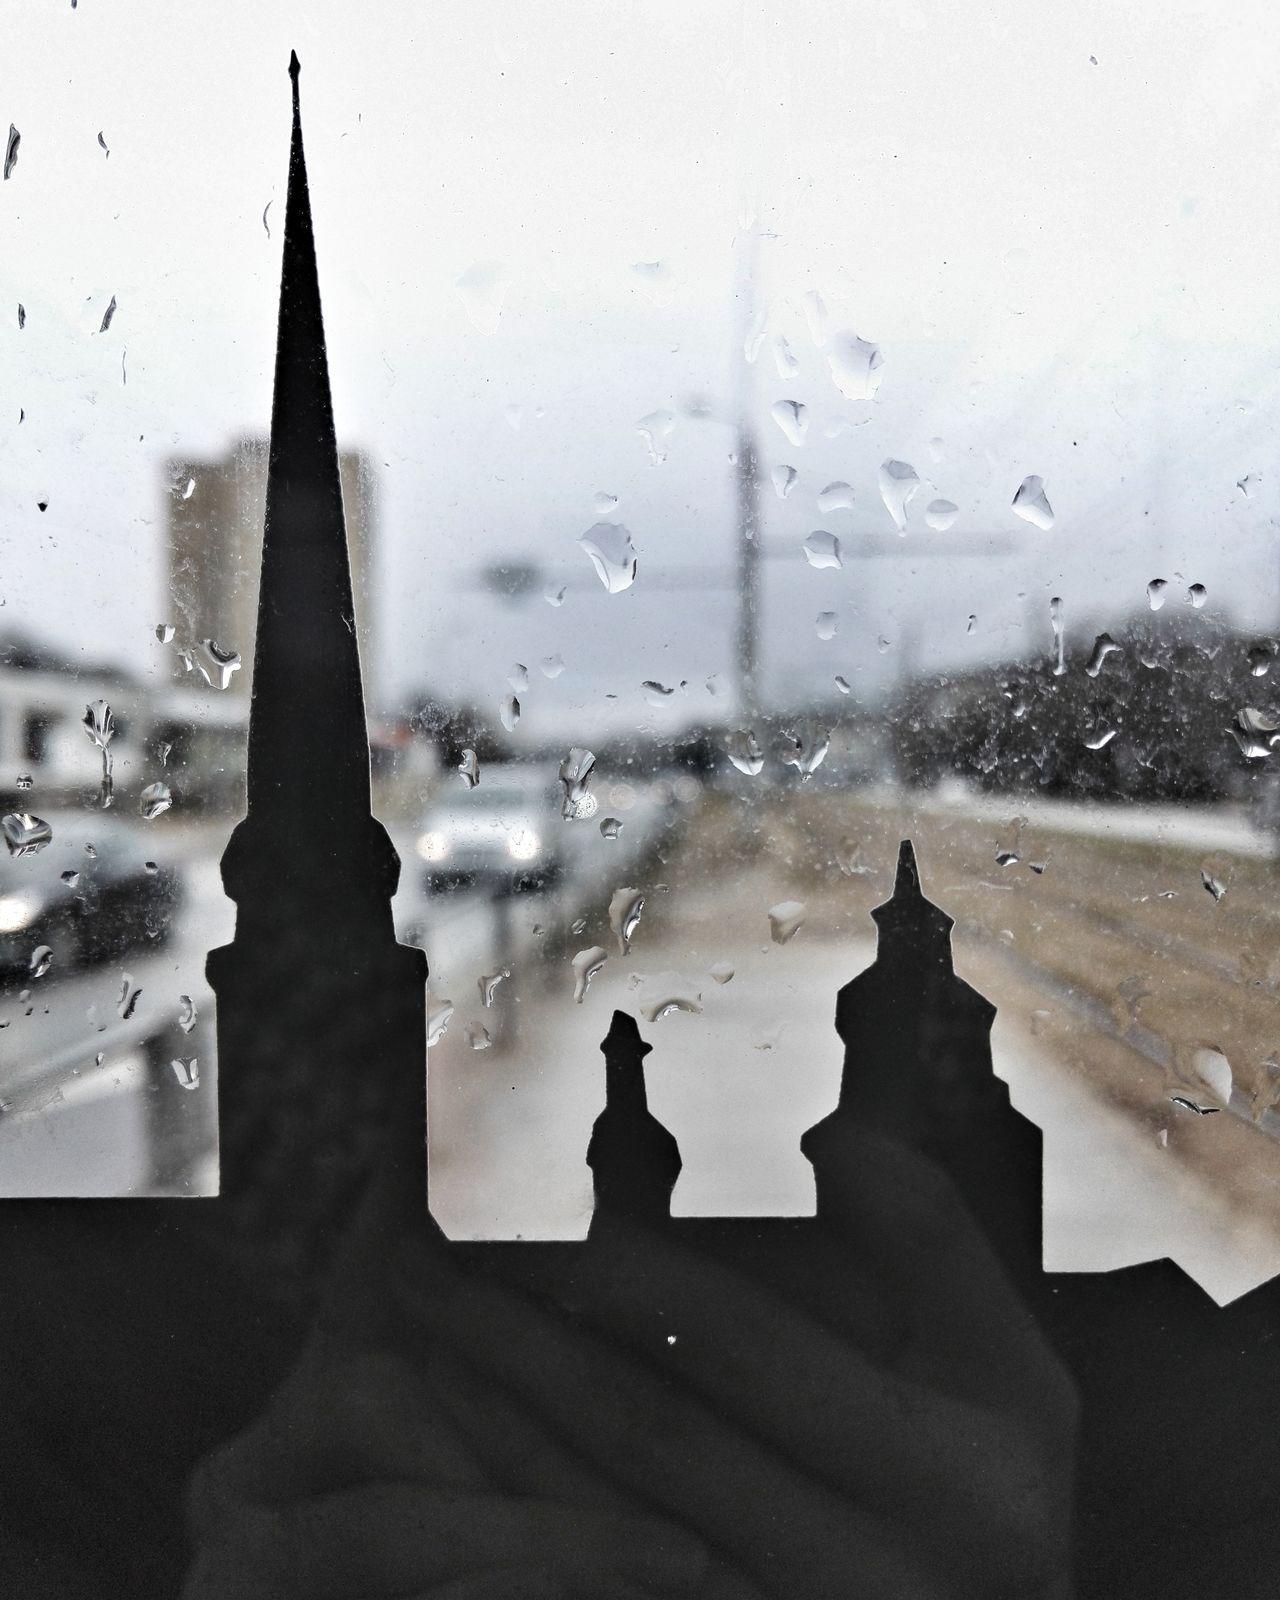 Riga Small Things Drops Rain City City Life Window Weather Wet Rainy Season